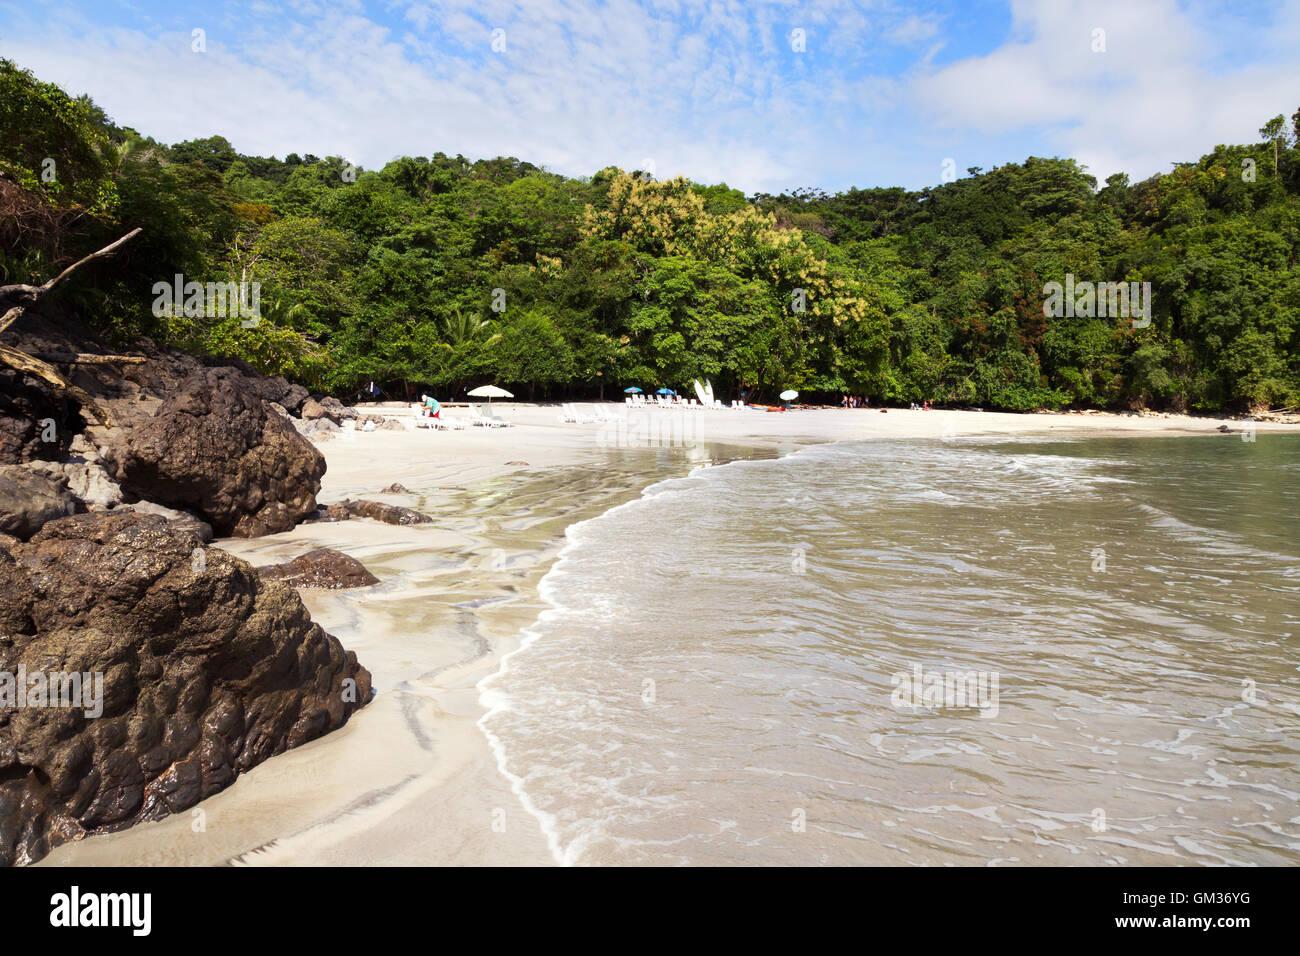 Costa Rica - Playa Plage Plage de Biesanz, parc national Manuel Antonio, la côte du Pacifique, le Costa Rica, Photo Stock